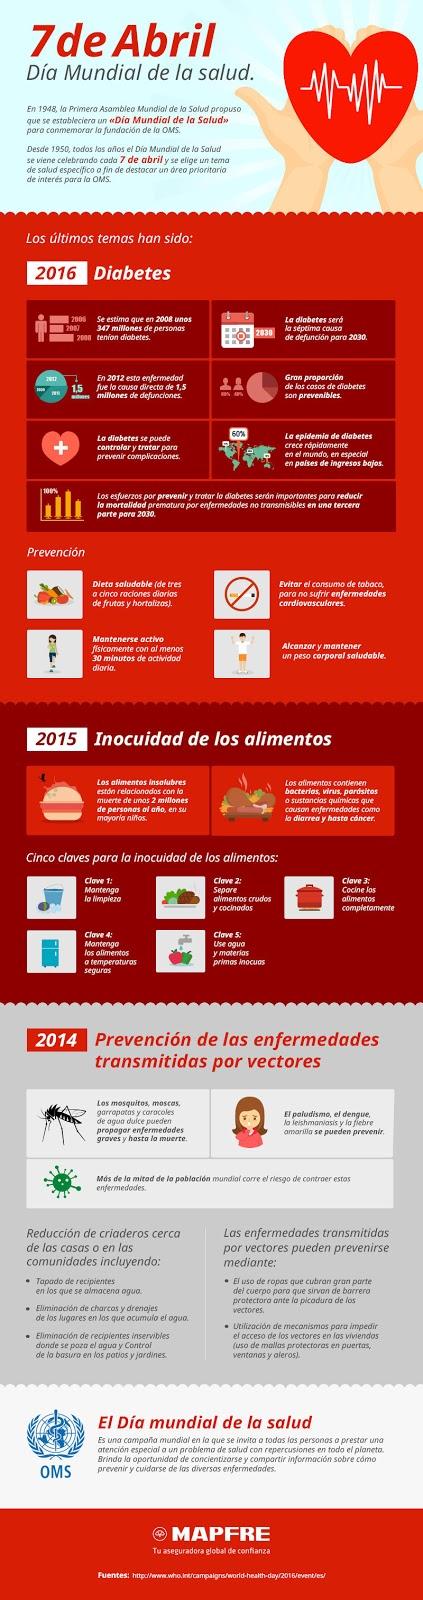 diabetes, infografía, WHO, OMS, salud, alimentación, alimentos